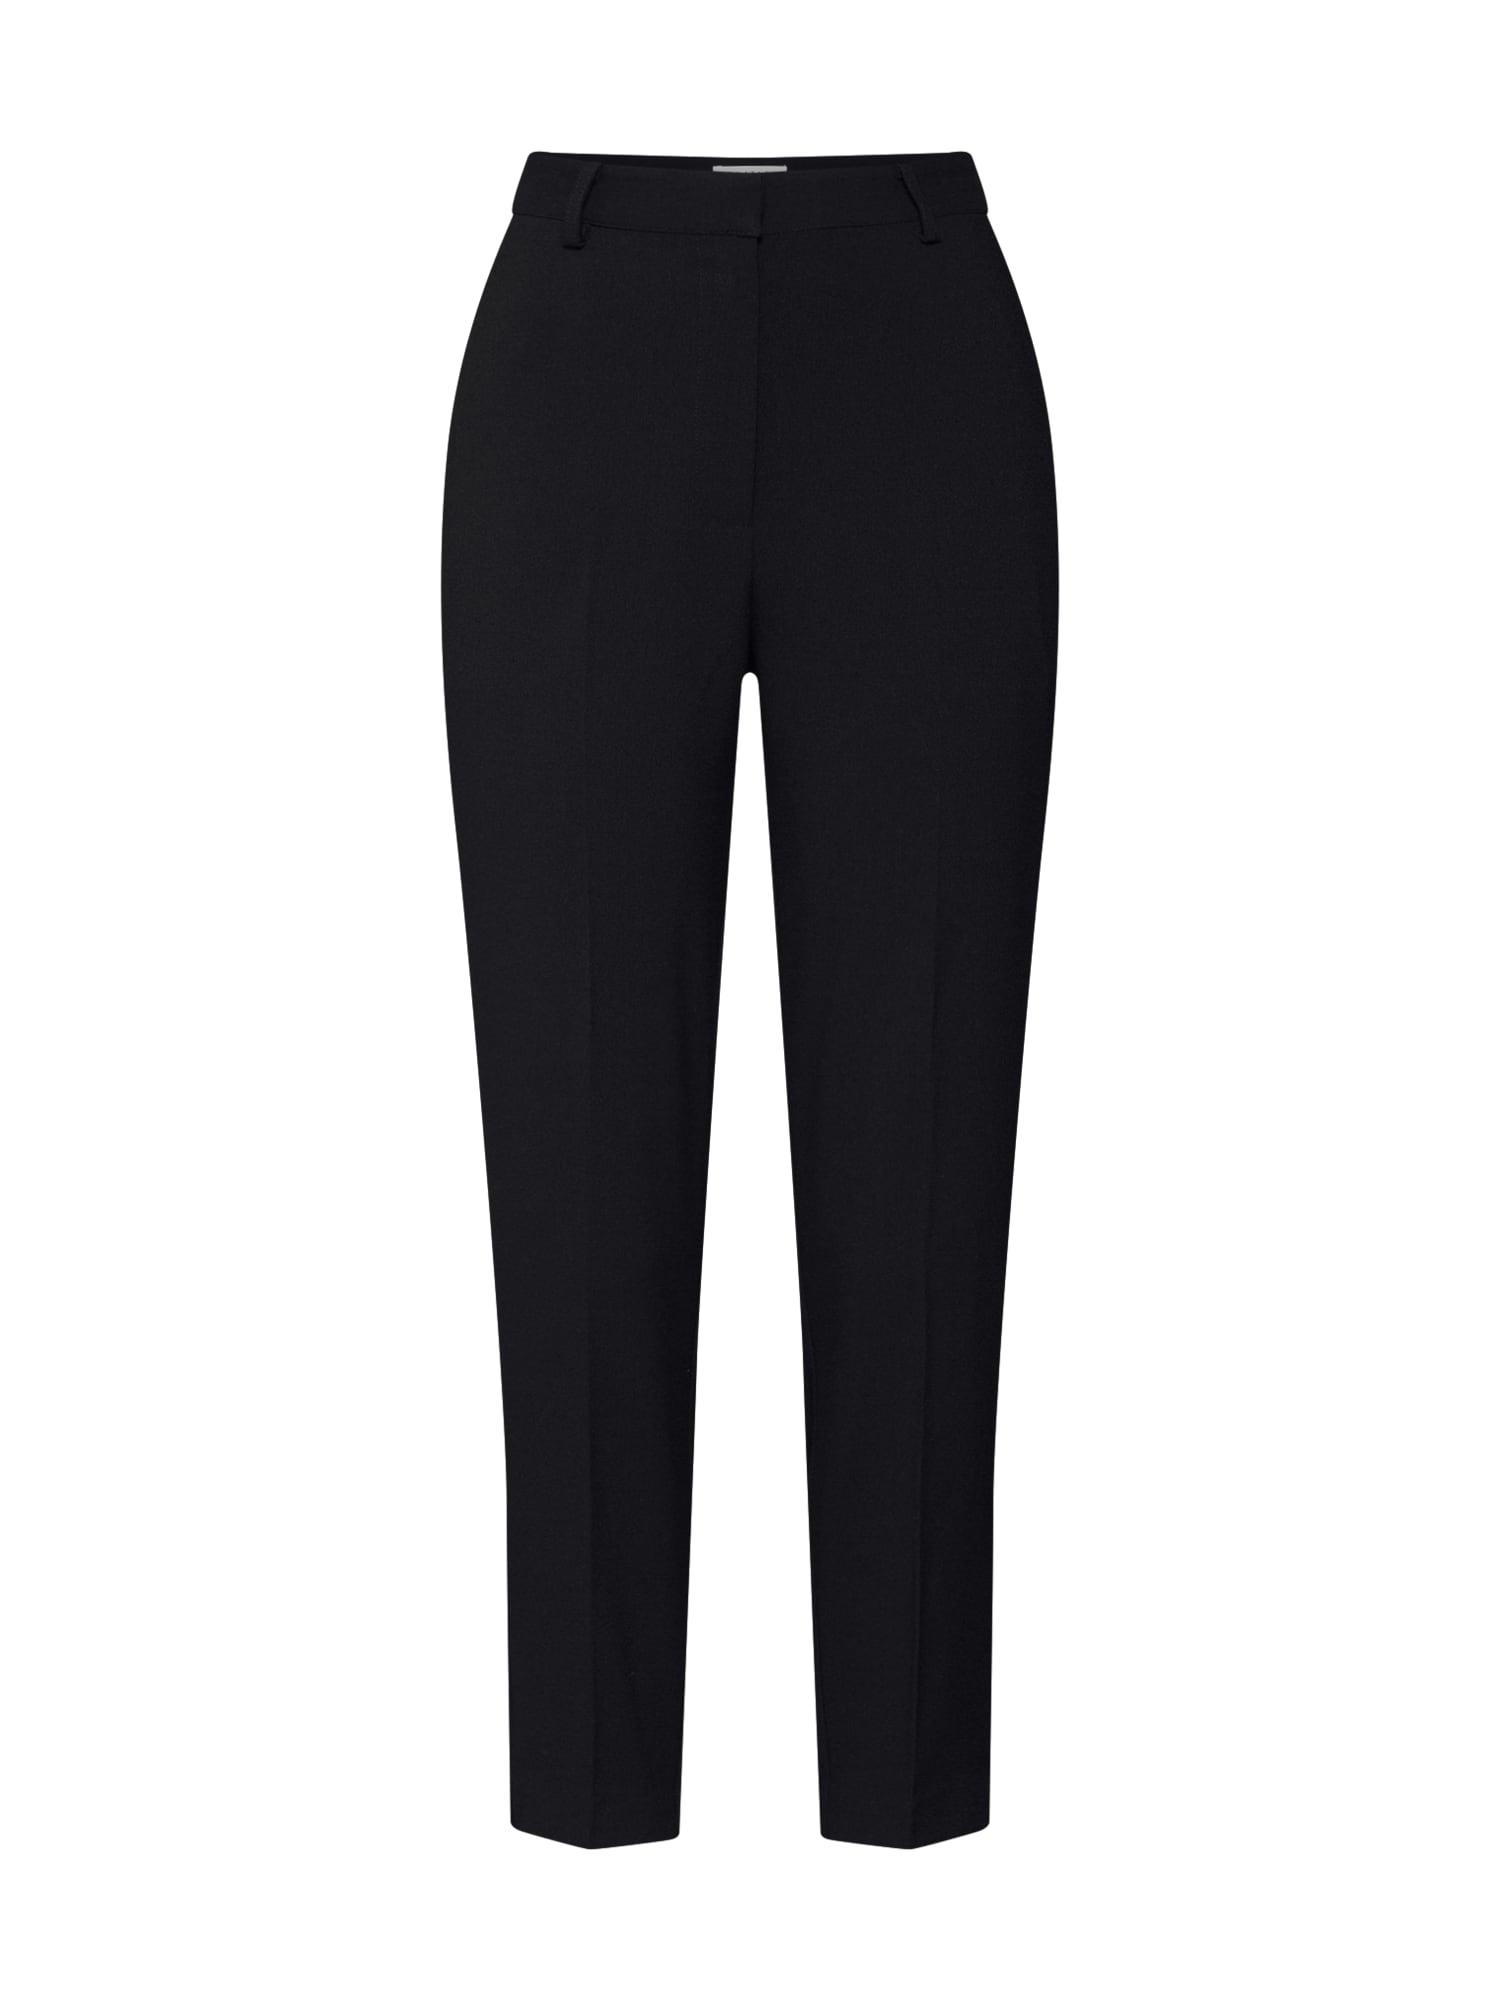 EDITED Chino stiliaus kelnės 'Machi' juoda